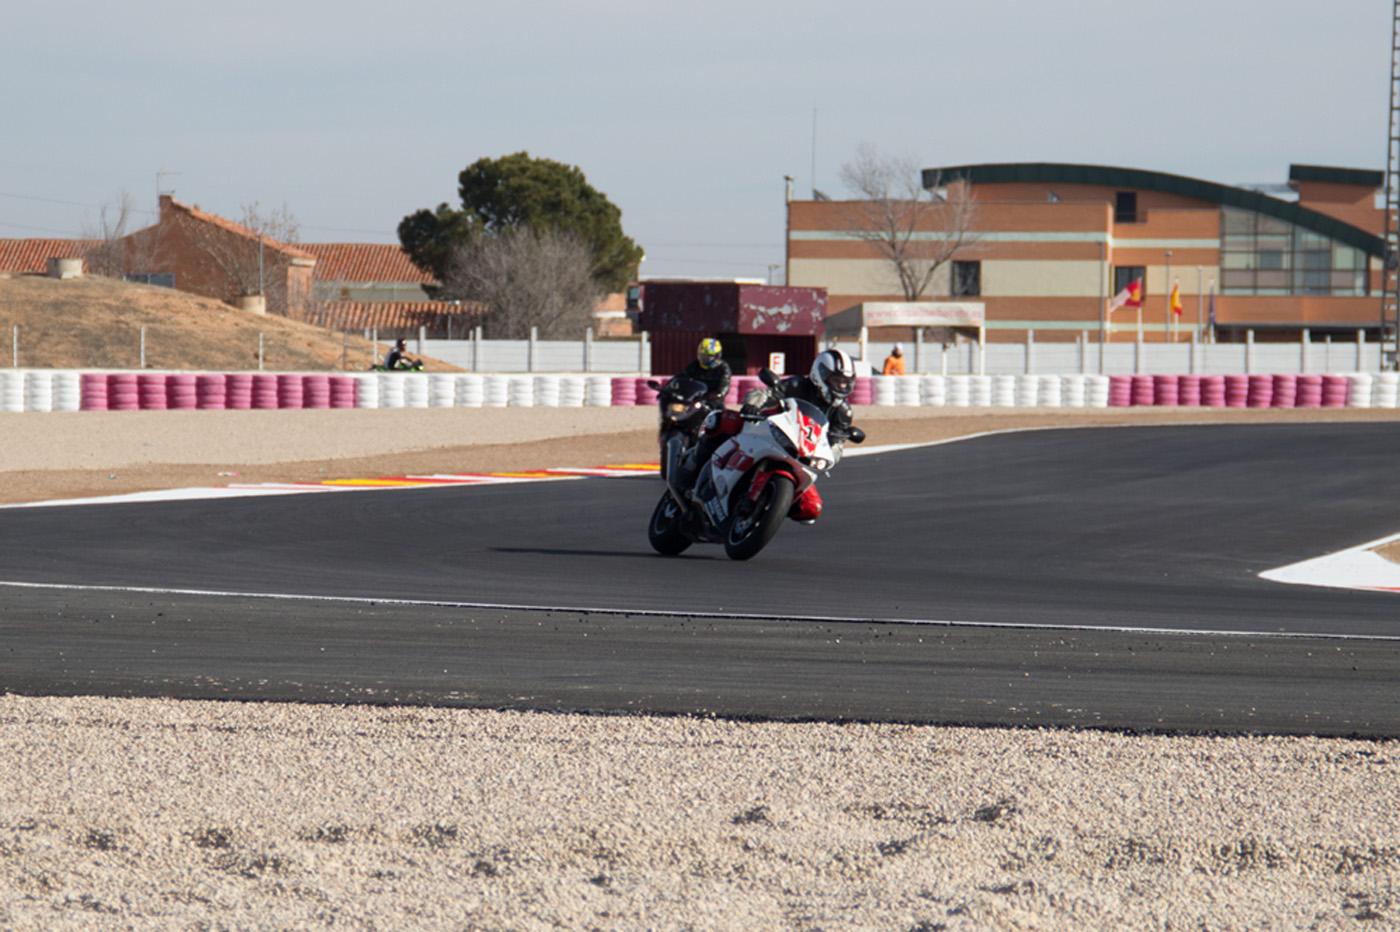 Rodada en el Circuito de Albacete